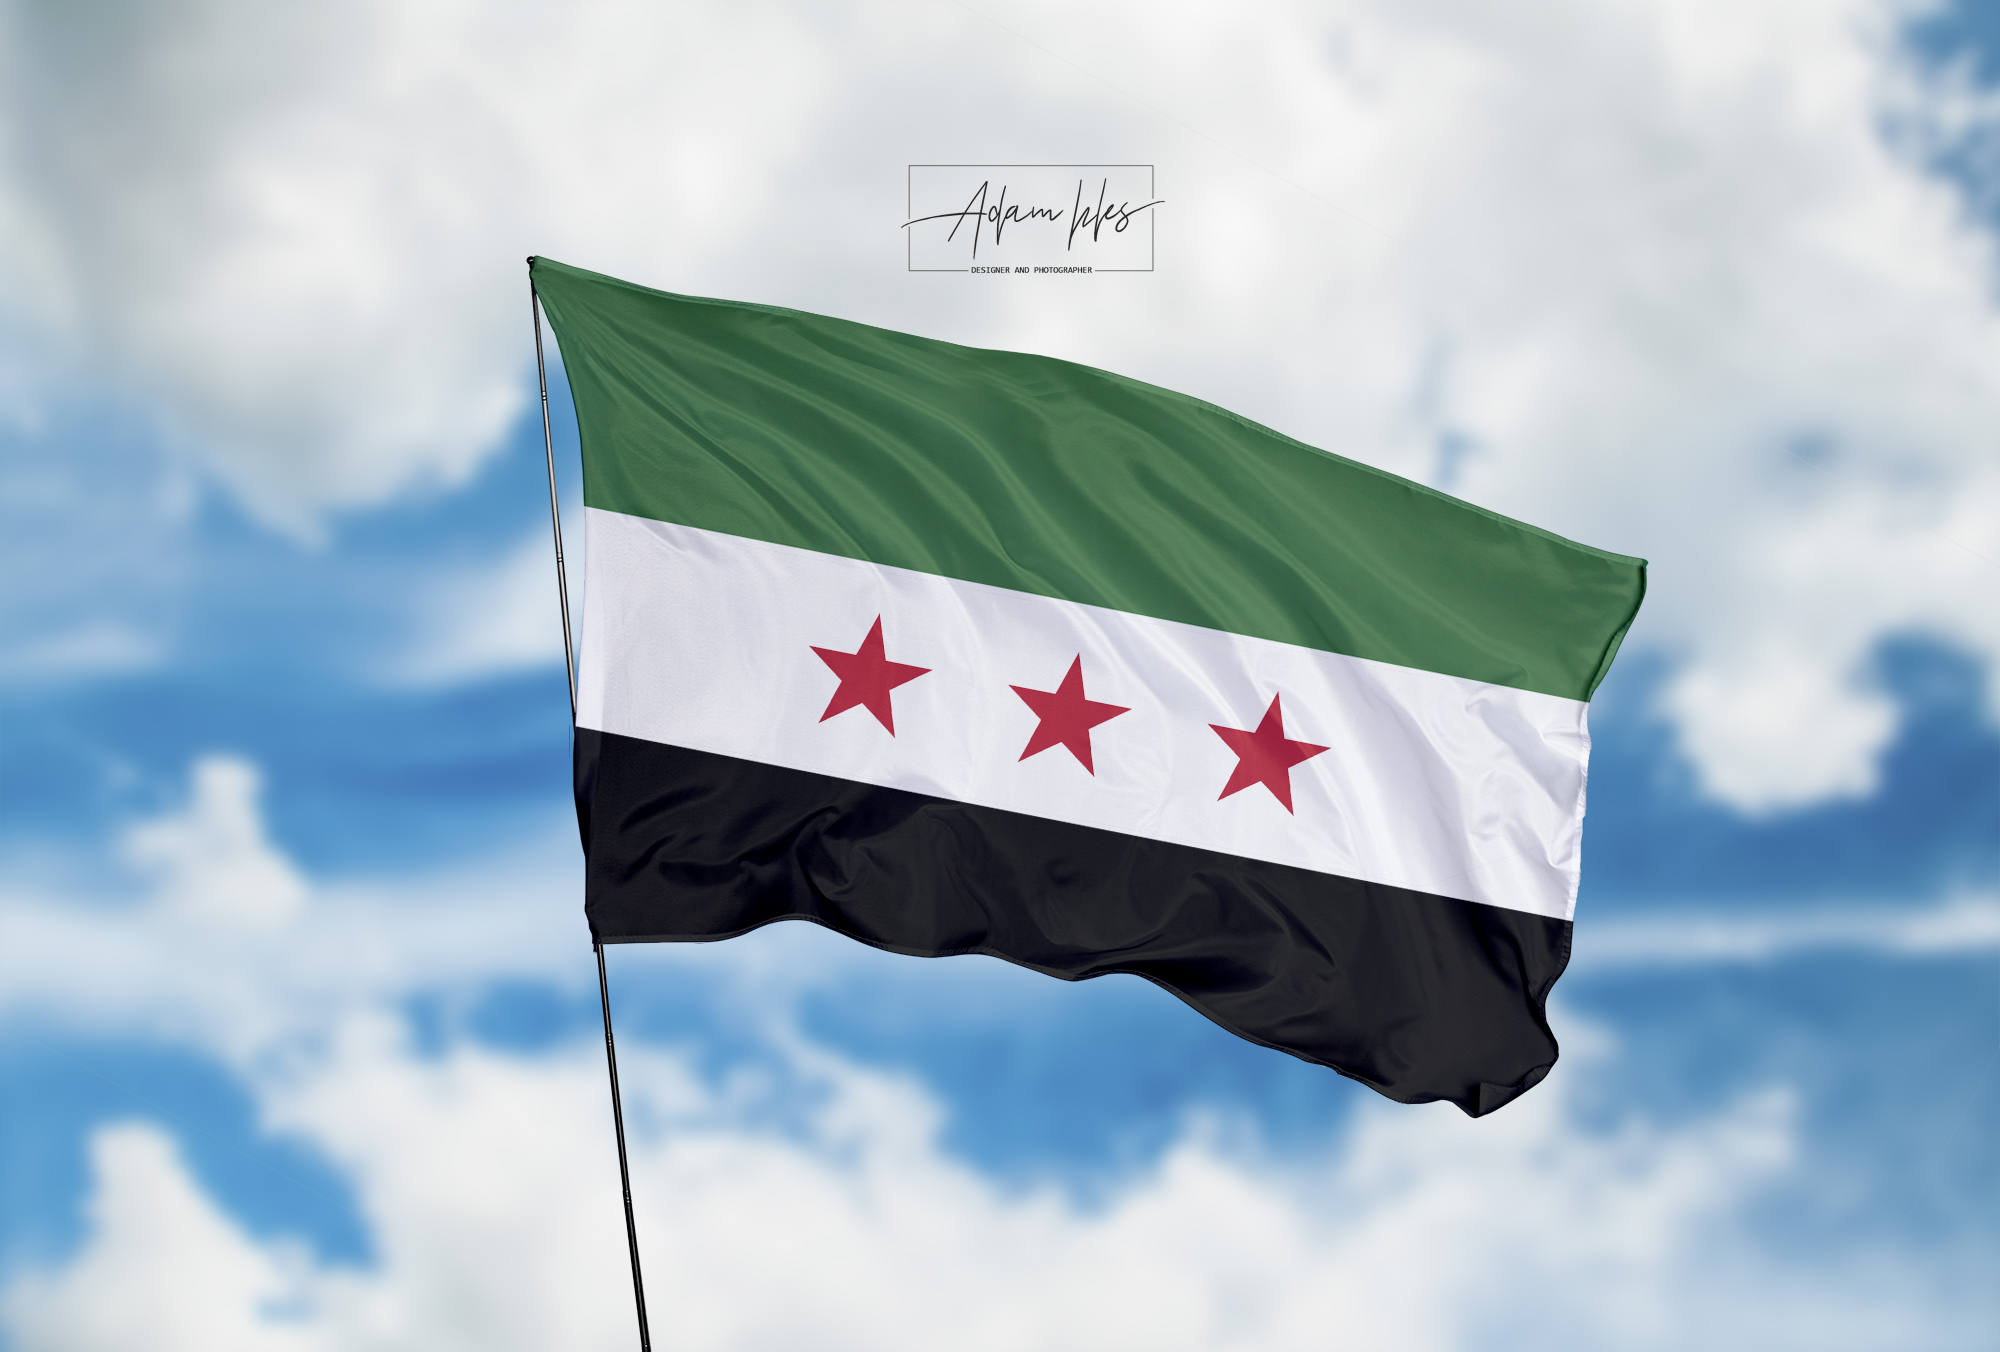 تحميل اجمل خلفية علم سوريا يرفرف في السماء - اجمل خلفيات سوريا الرائعة